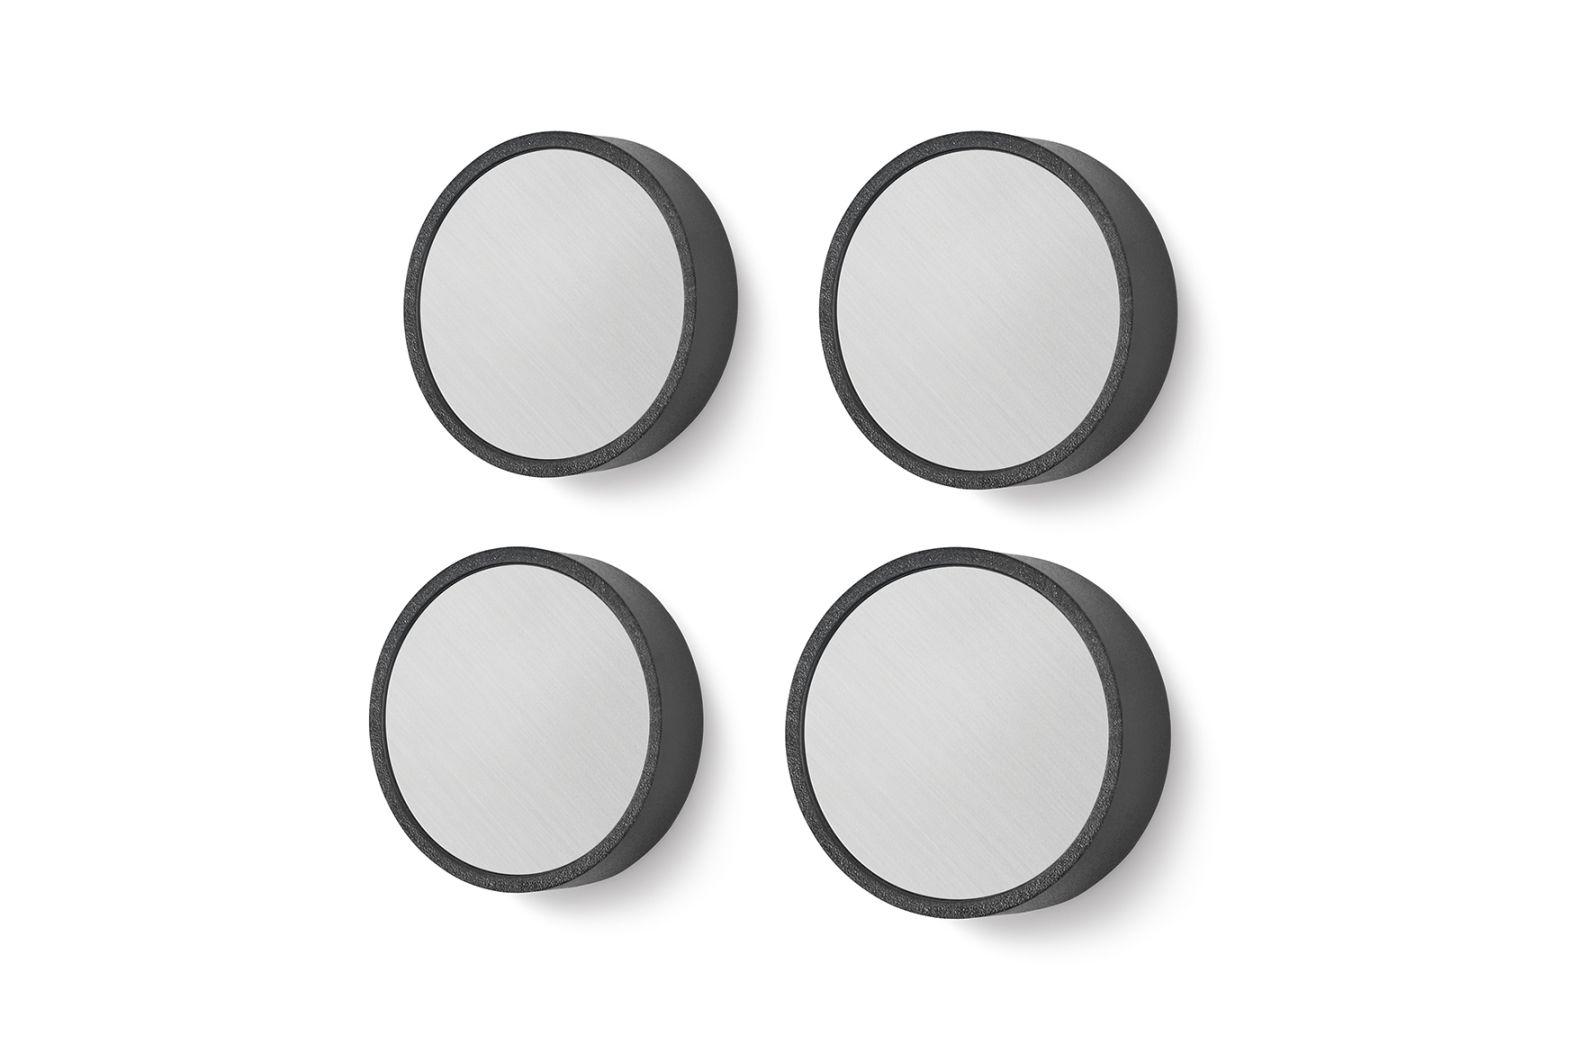 Magnetky MONOR 3 cm, set 4ks  - ZACK